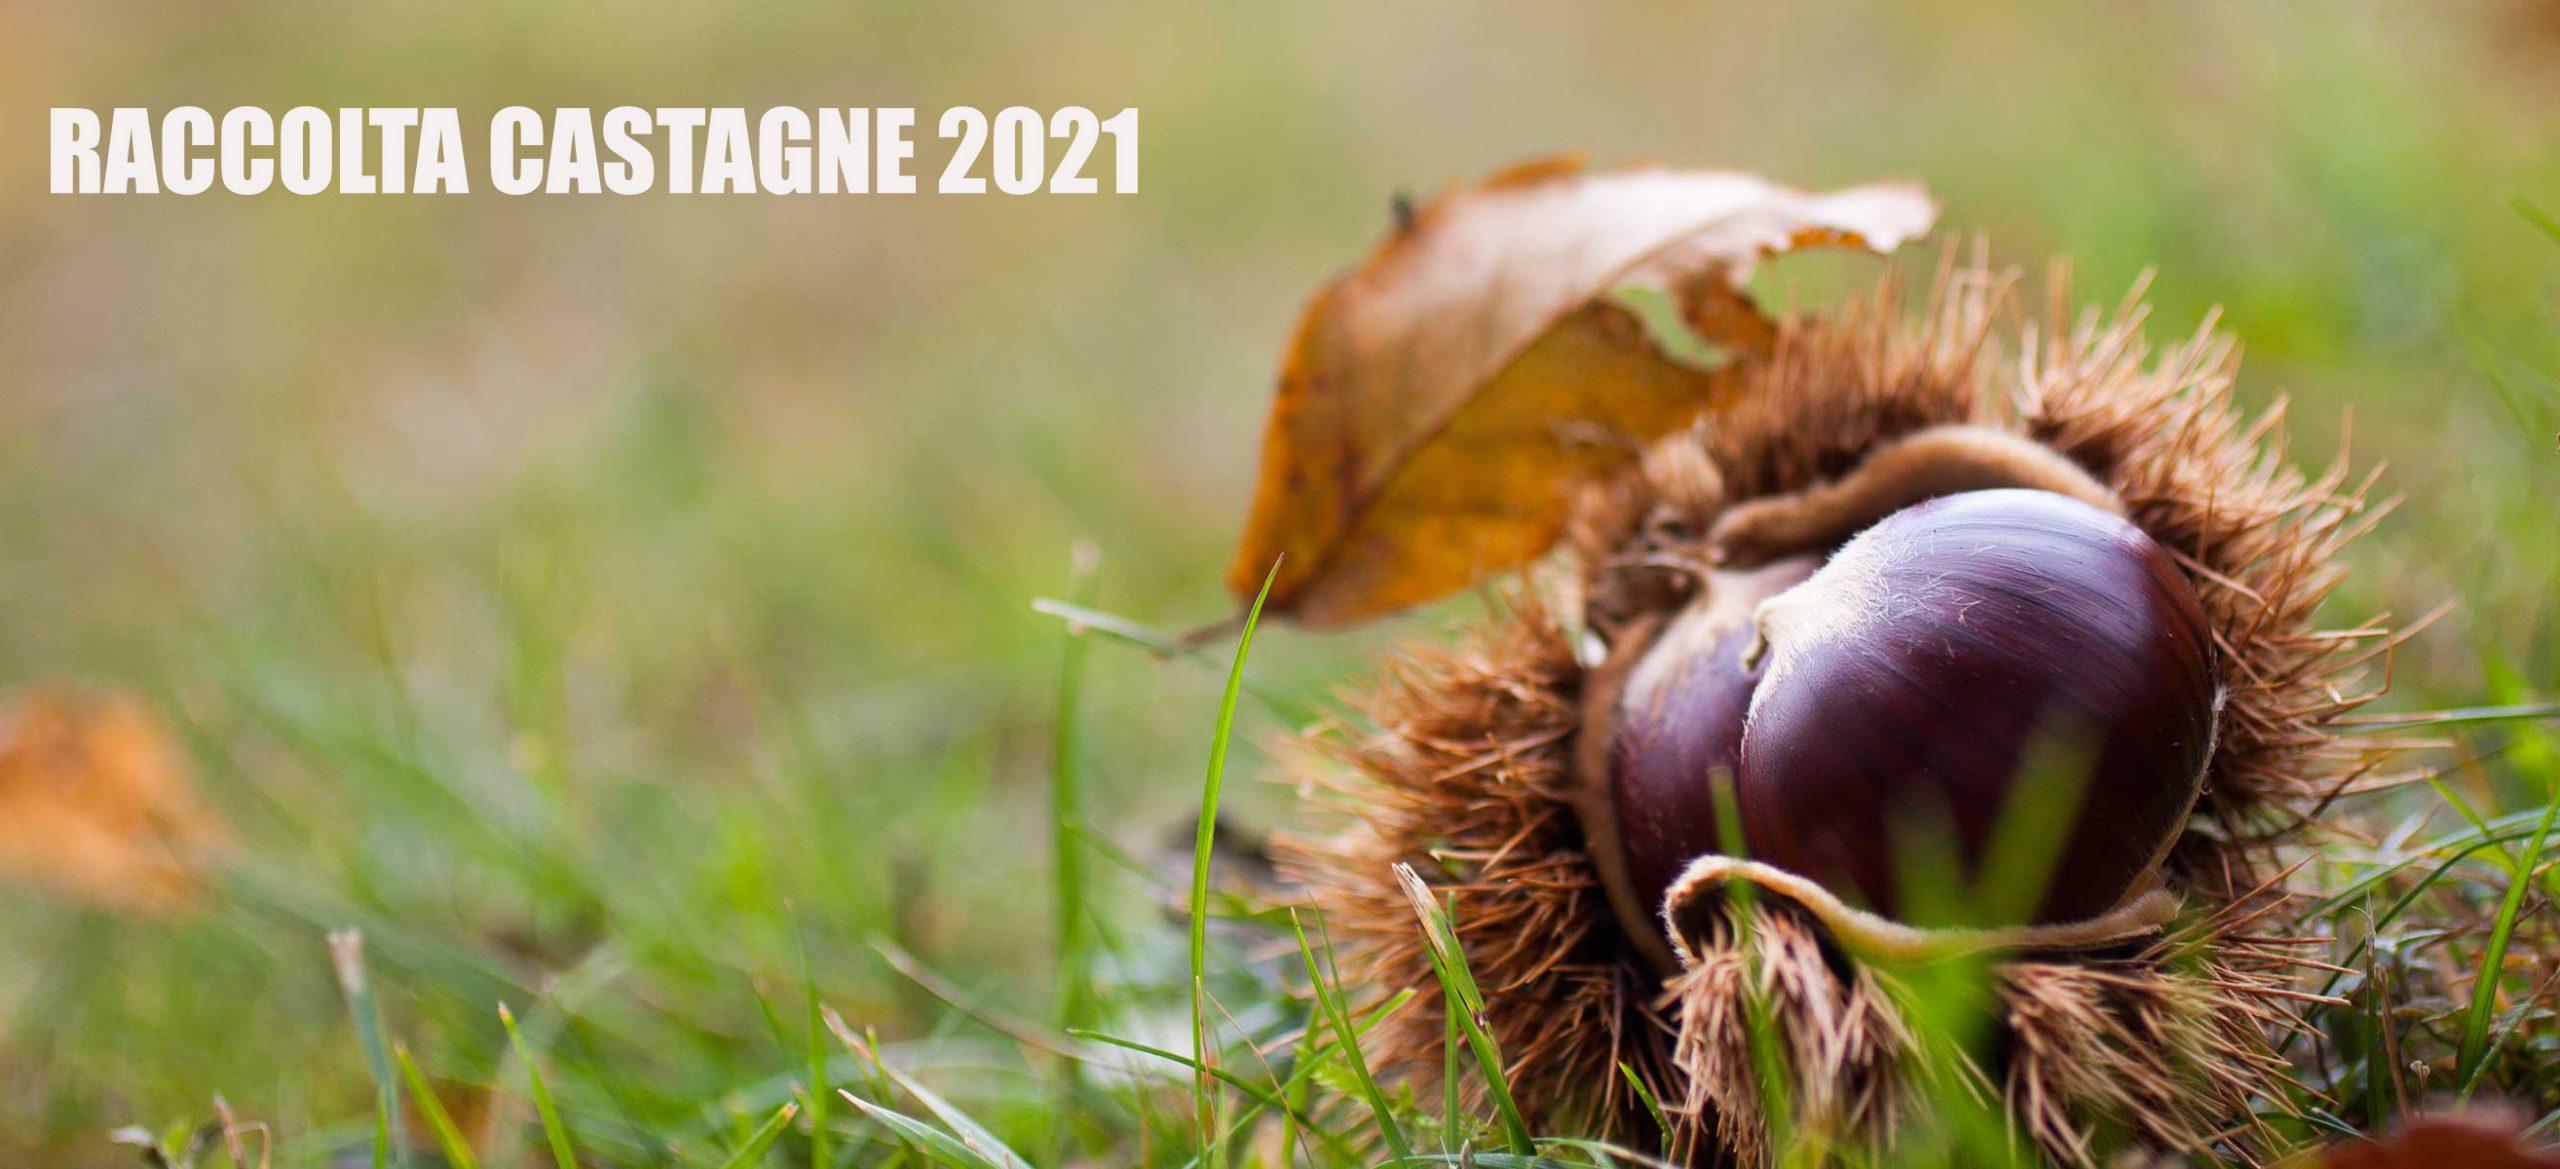 La tua vacanza nei Monti Sibillini emozionante anche in autunno con la raccolta castagne!